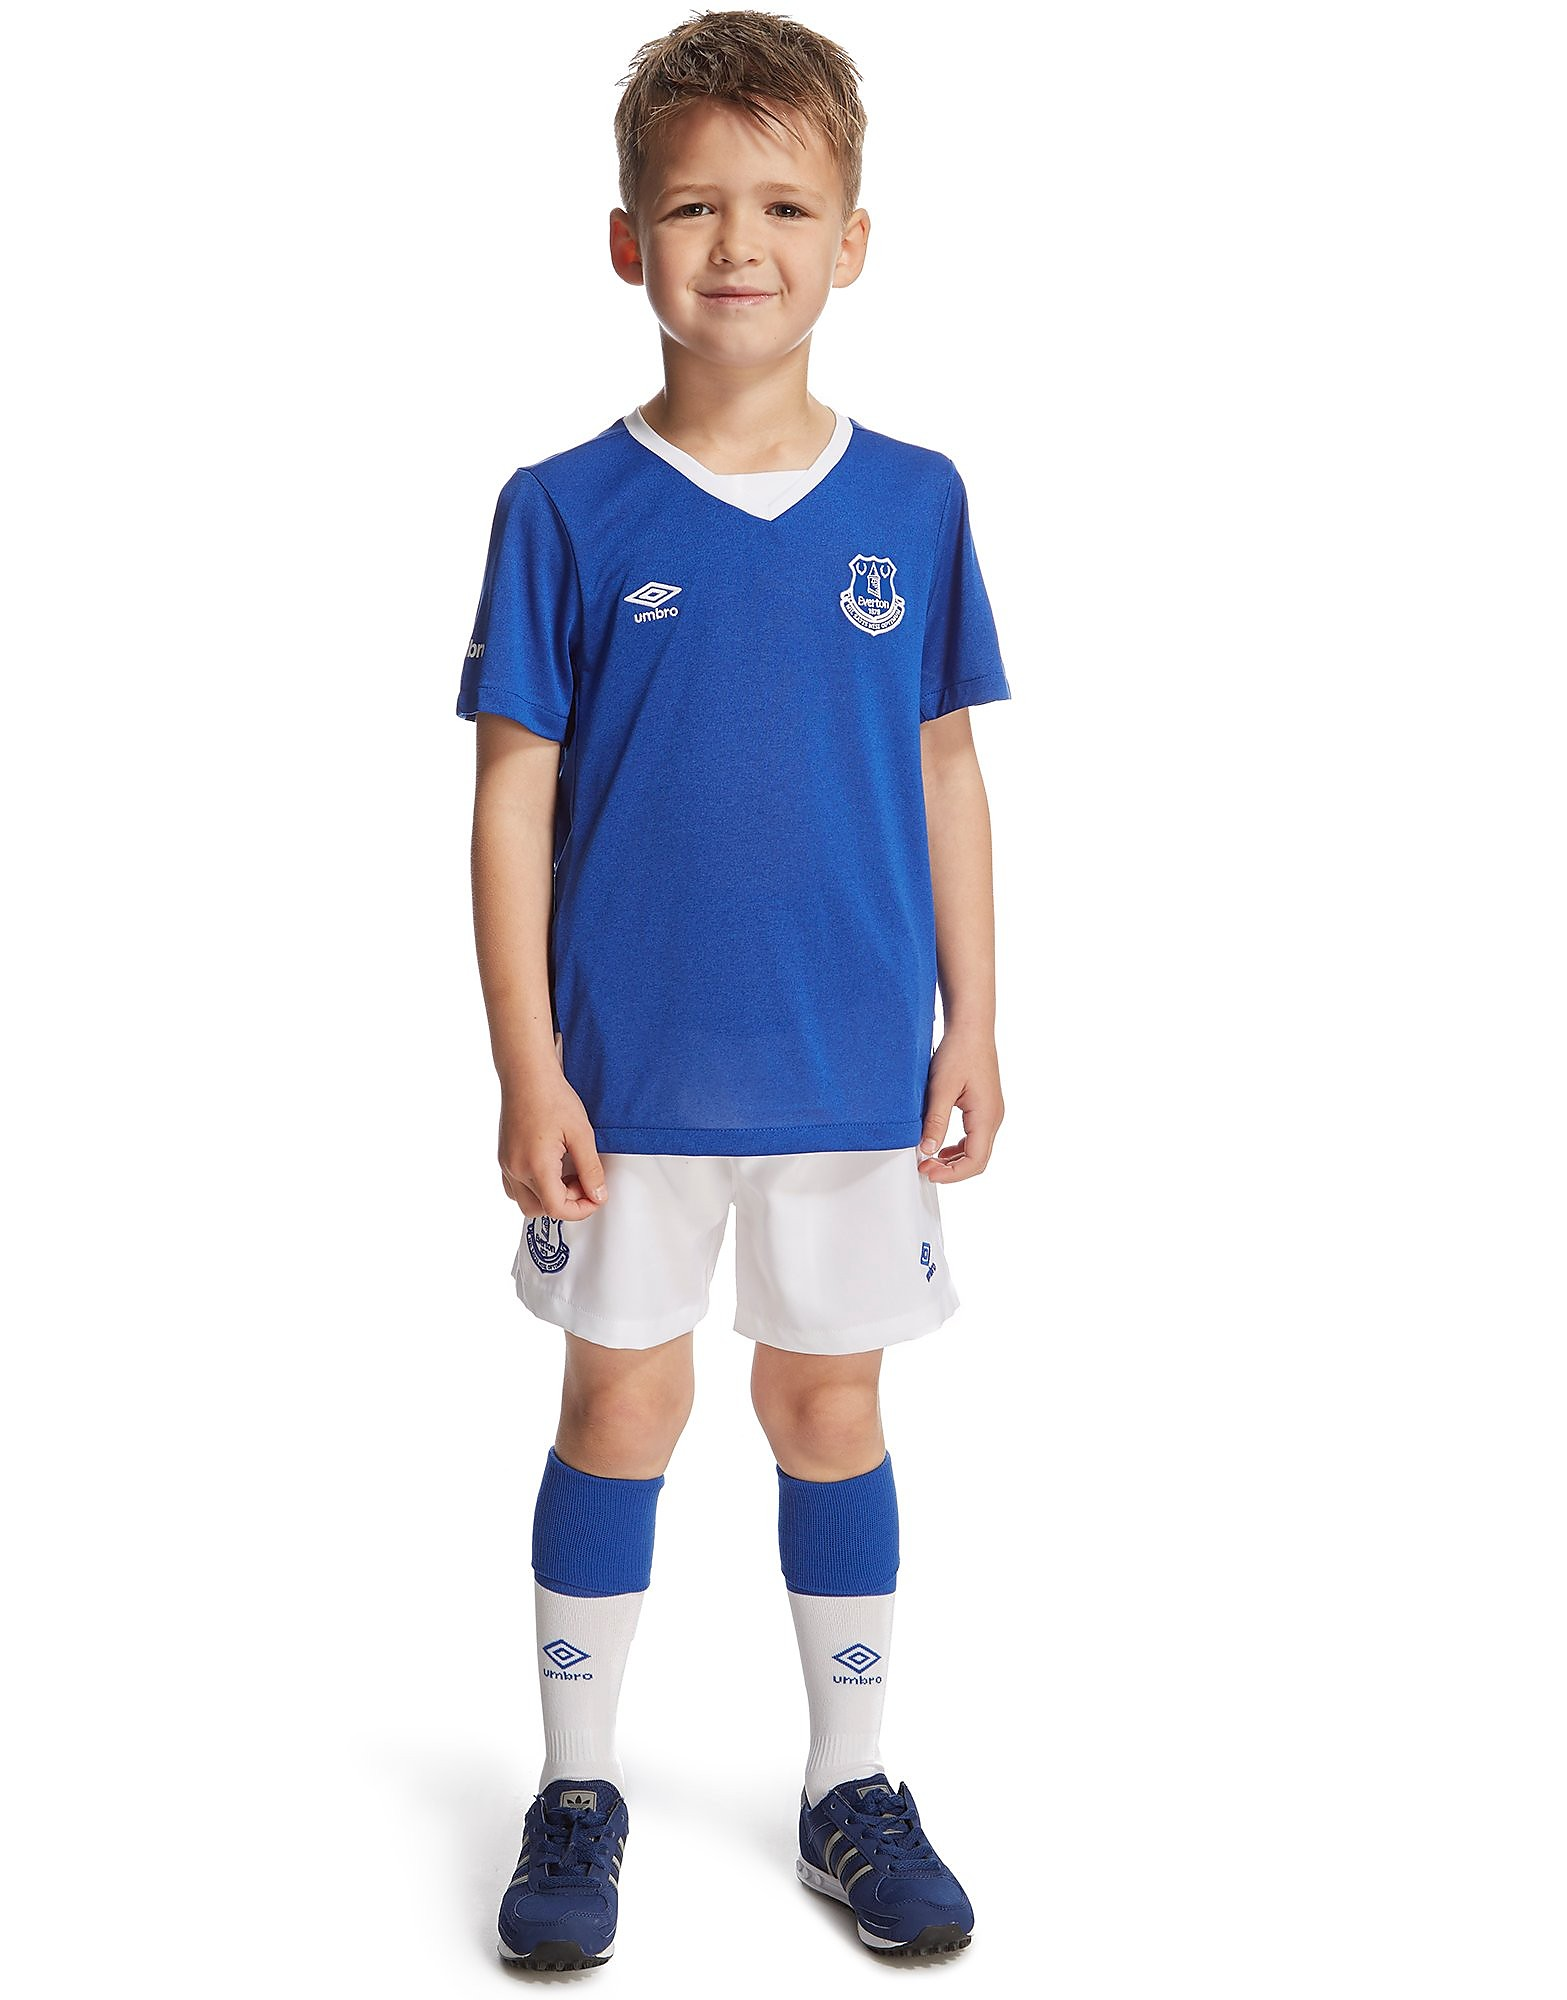 Umbro Everton 2015/16 Home Kit Children